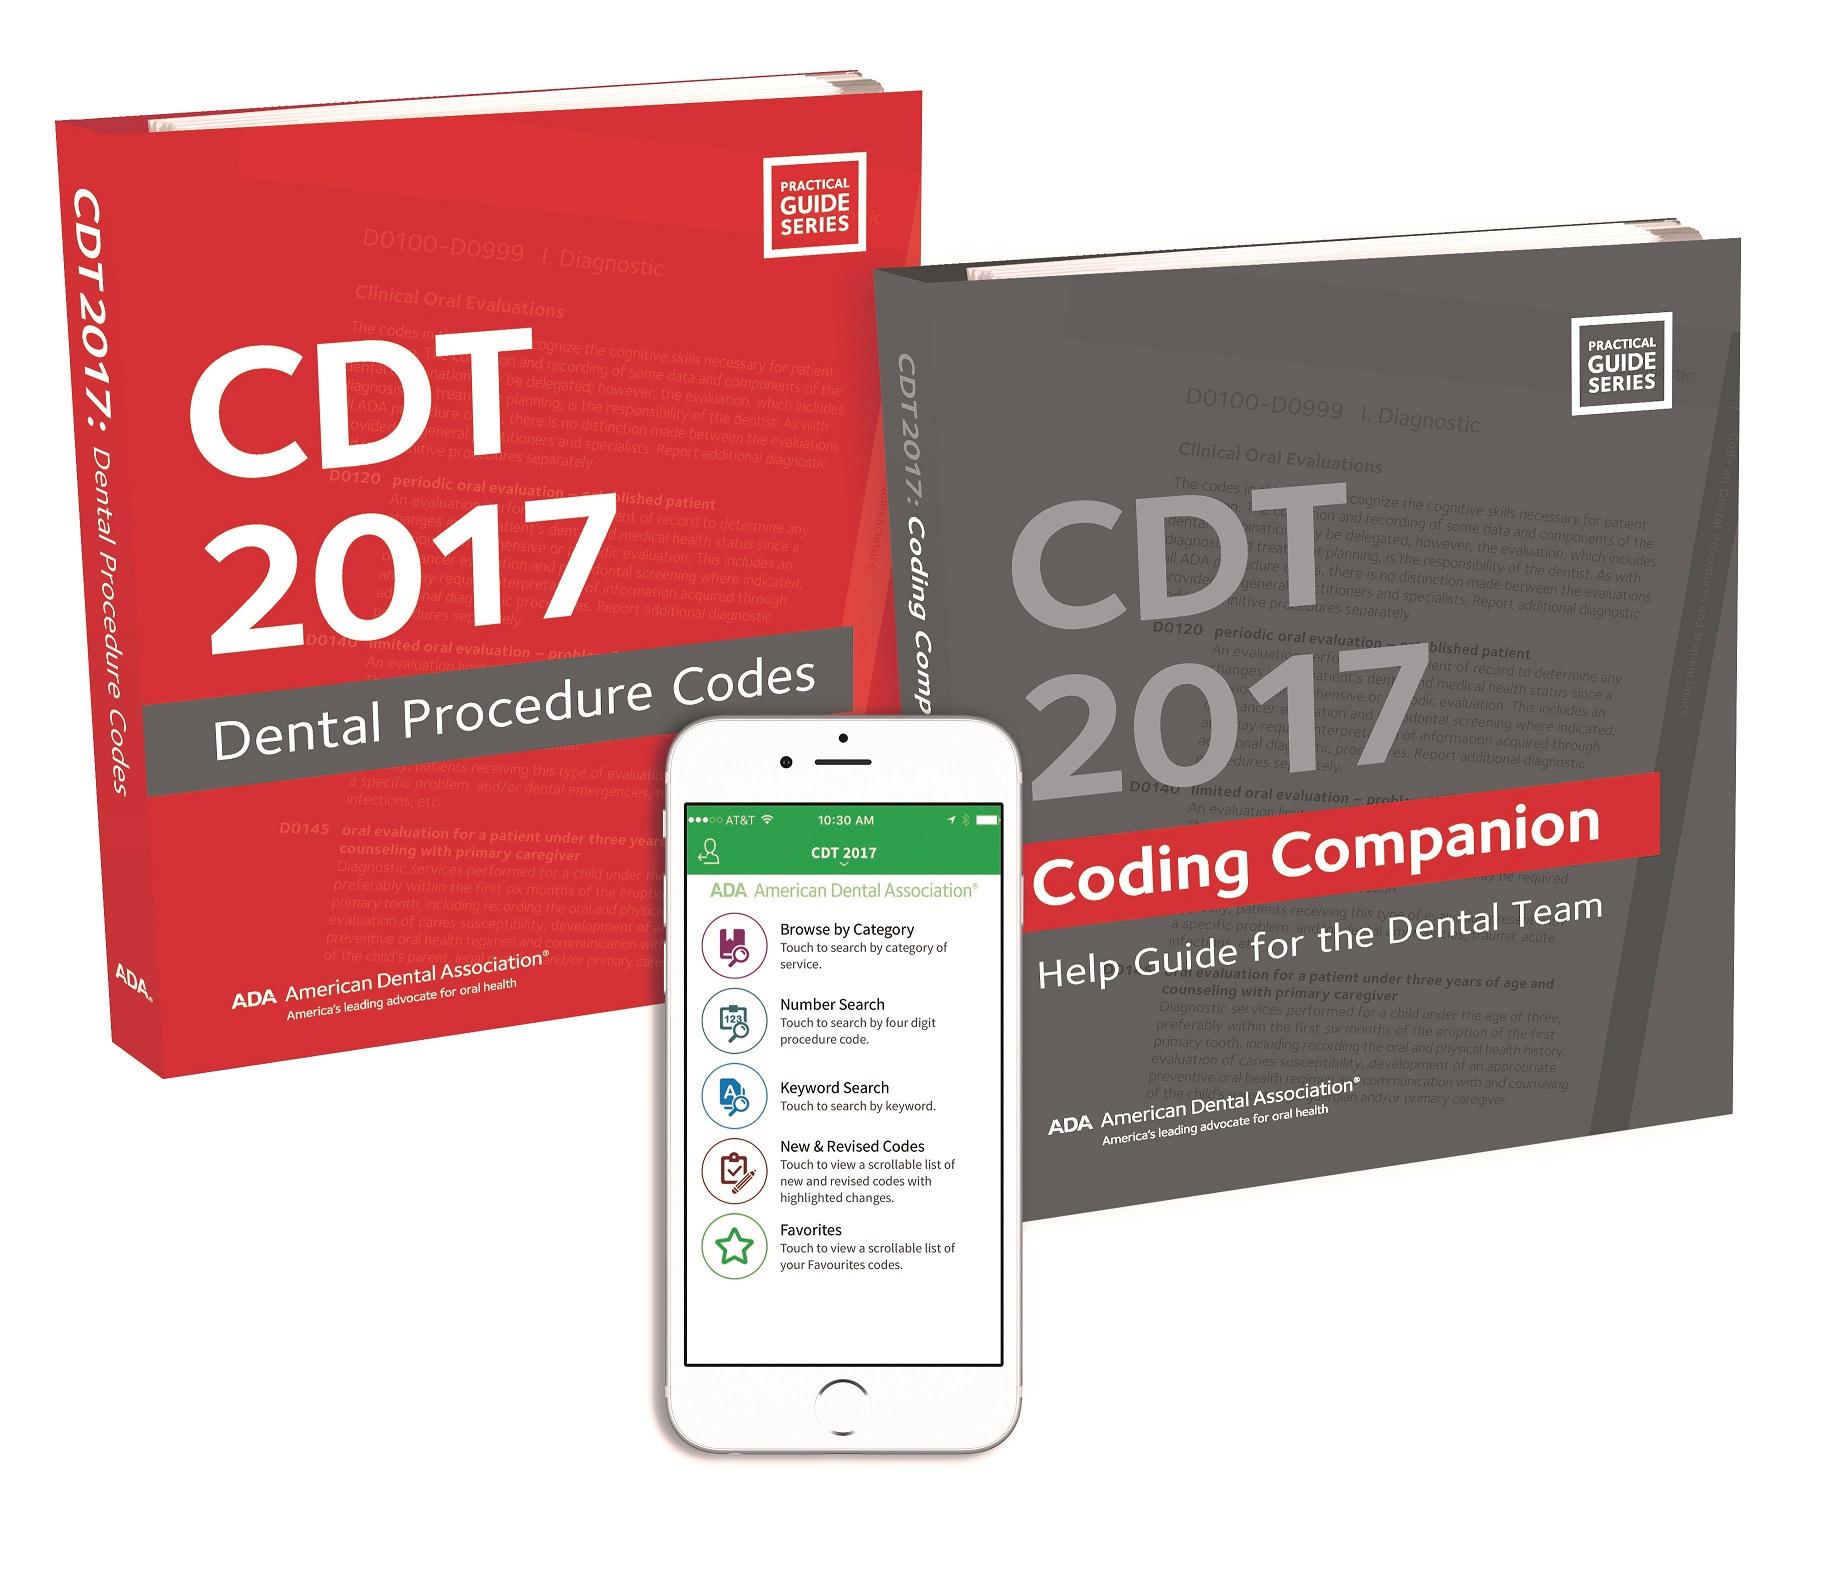 CDT 2016 DENTAL PROCEDURE CODES PDF DOWNLOAD